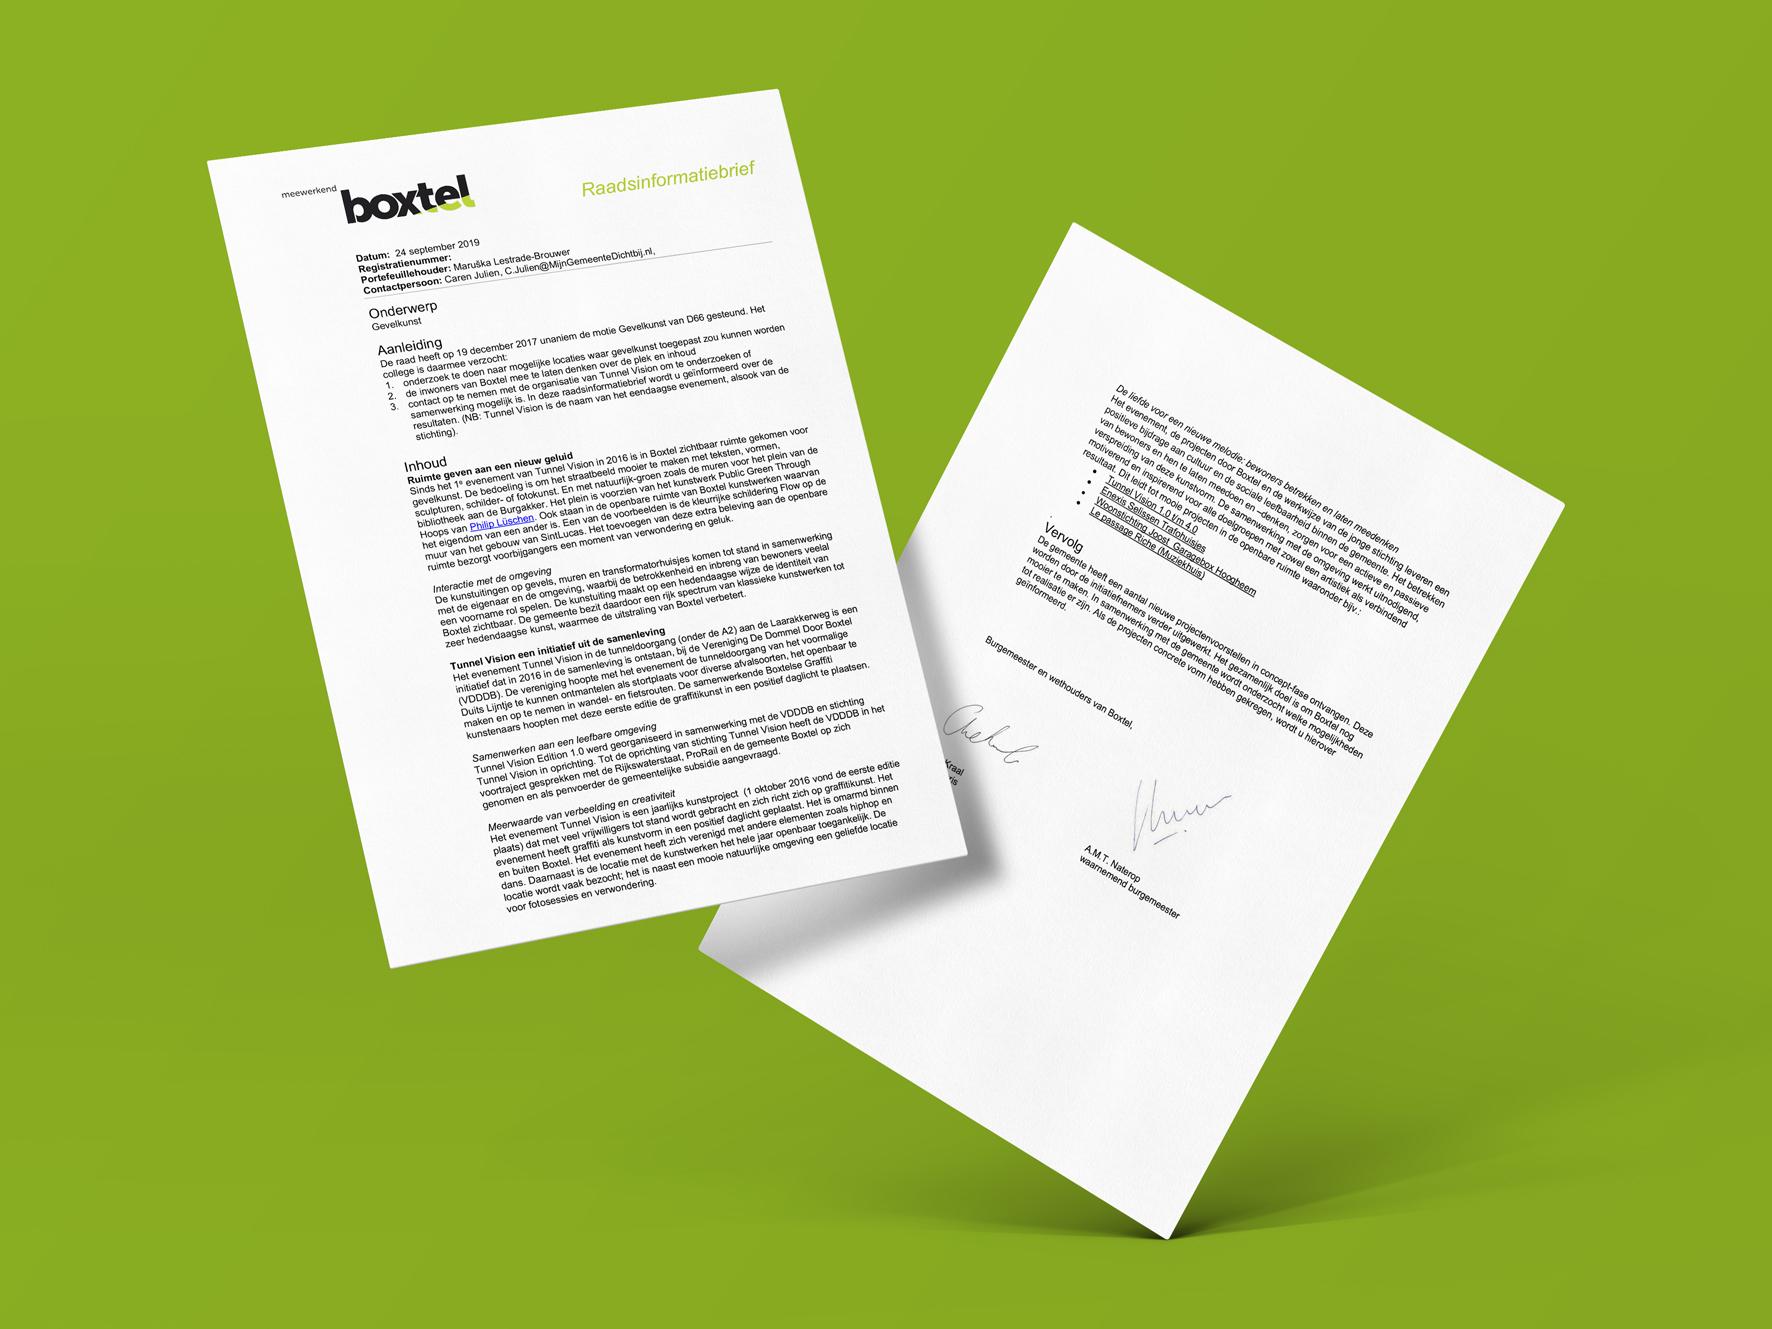 Raadsinformatiebrief Gemeente Boxtel Gevelkunst